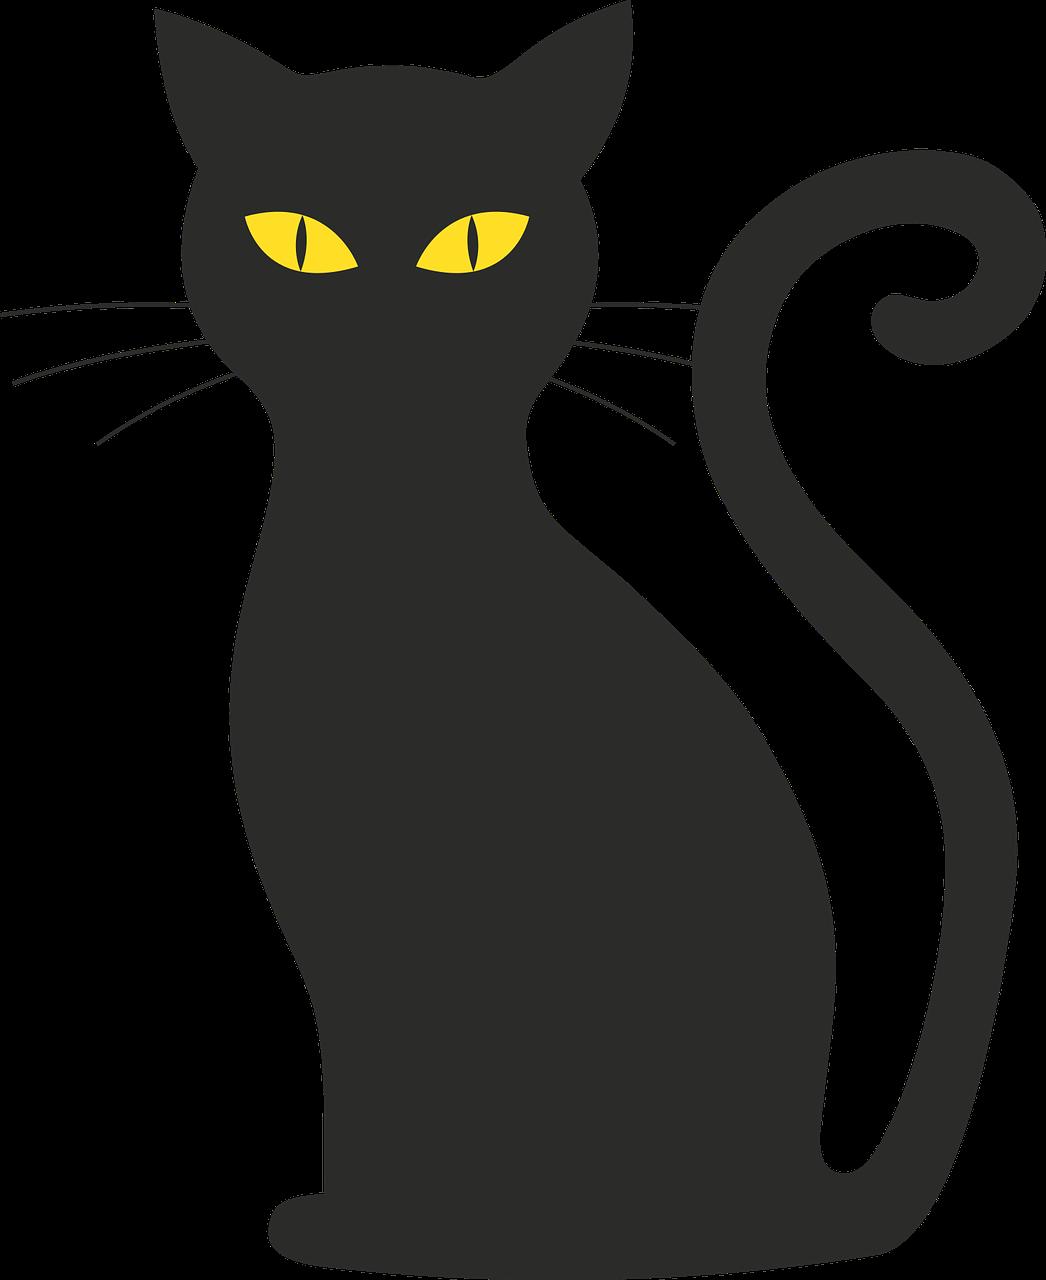 Free Image On Pixabay Cat Halloween Silhouette Mieze Dessin De Chat Noir Chat Noir Halloween Dessin Silhouette Chat